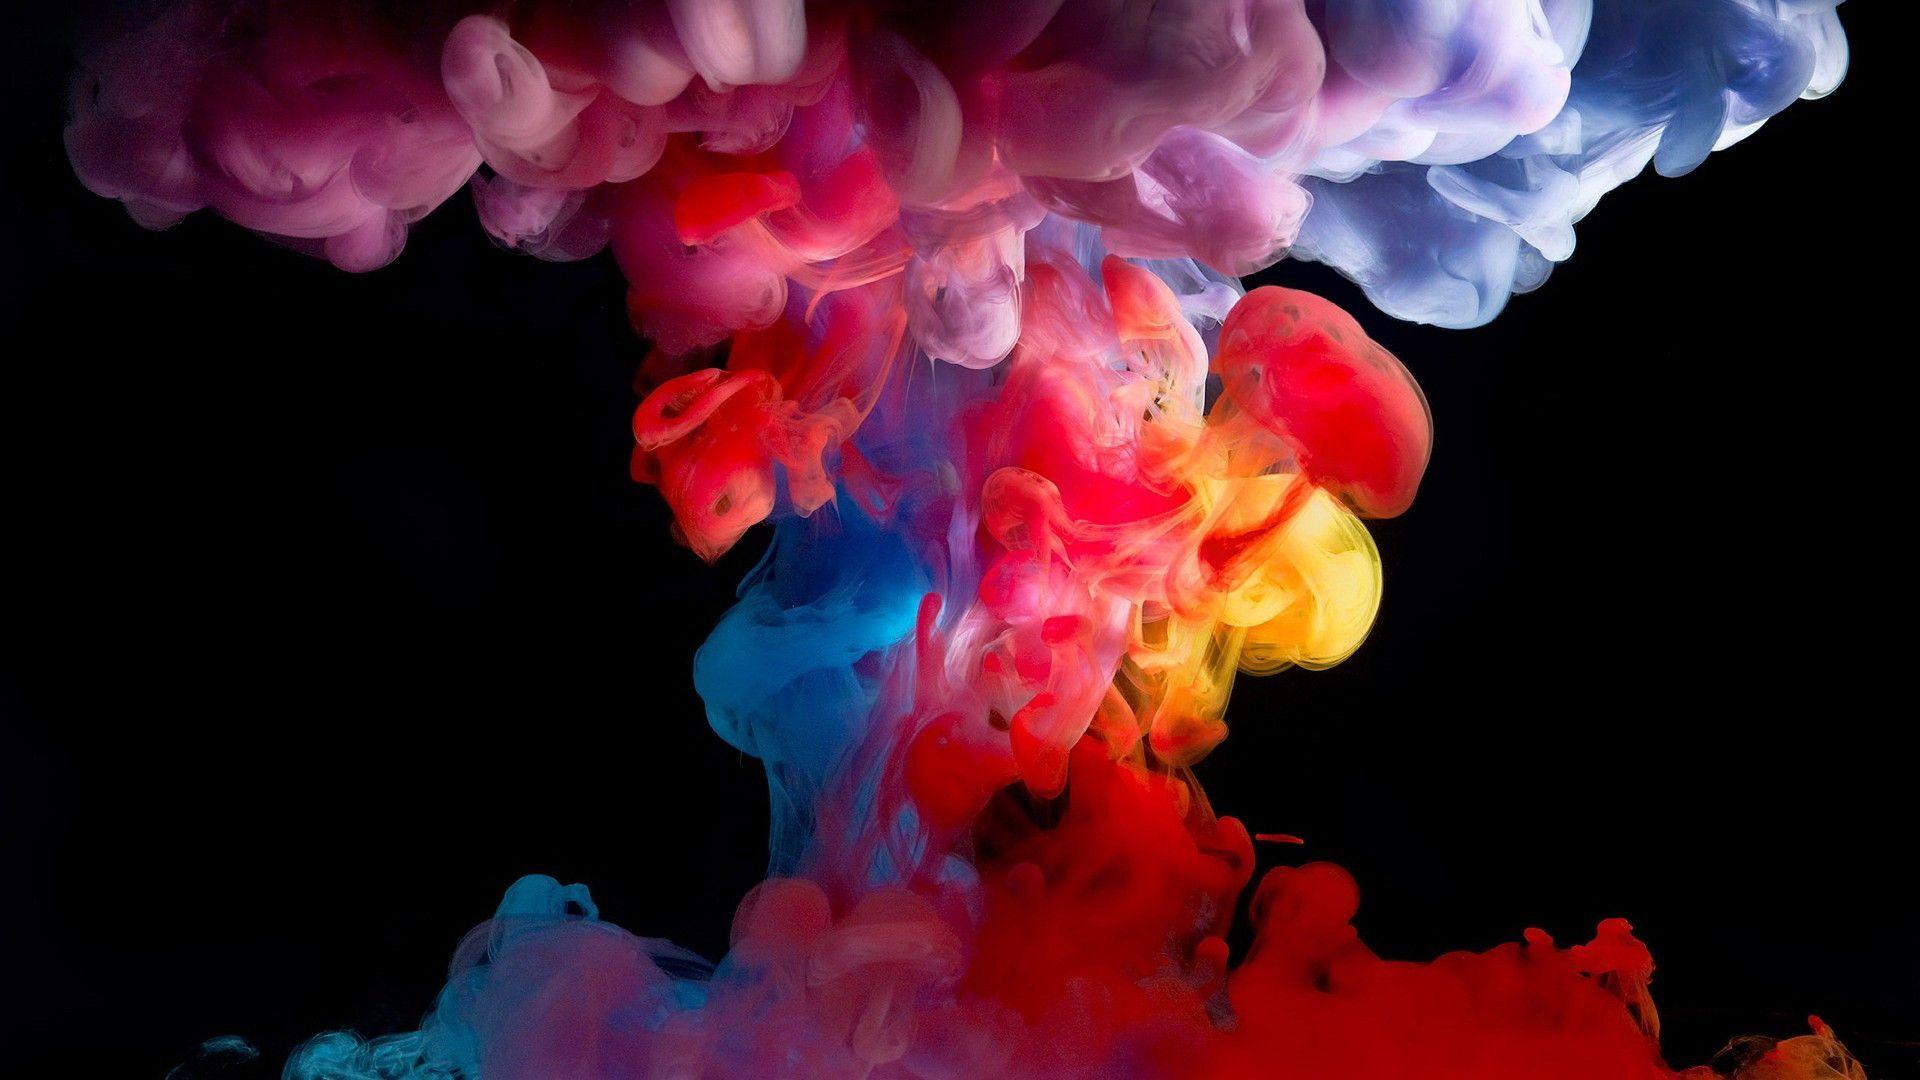 Wallpaper smoke